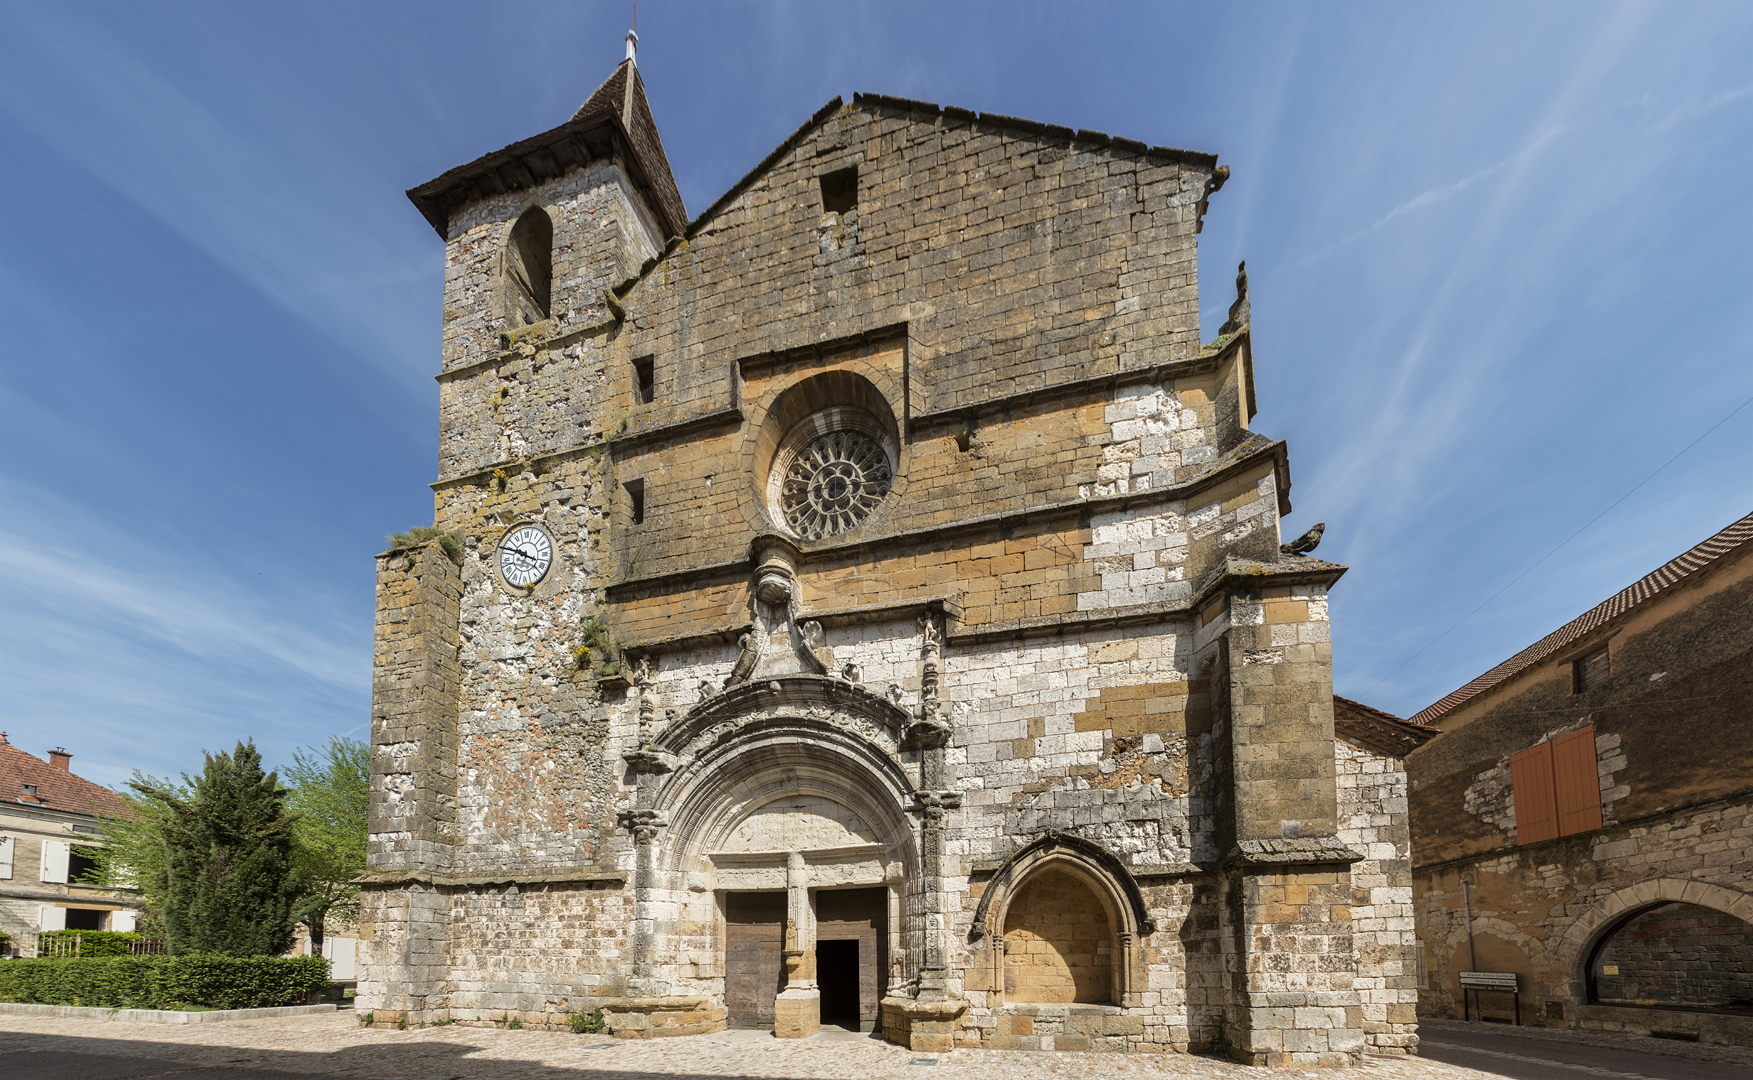 Eglise_St_Dominique_de_Monpazier.jpg